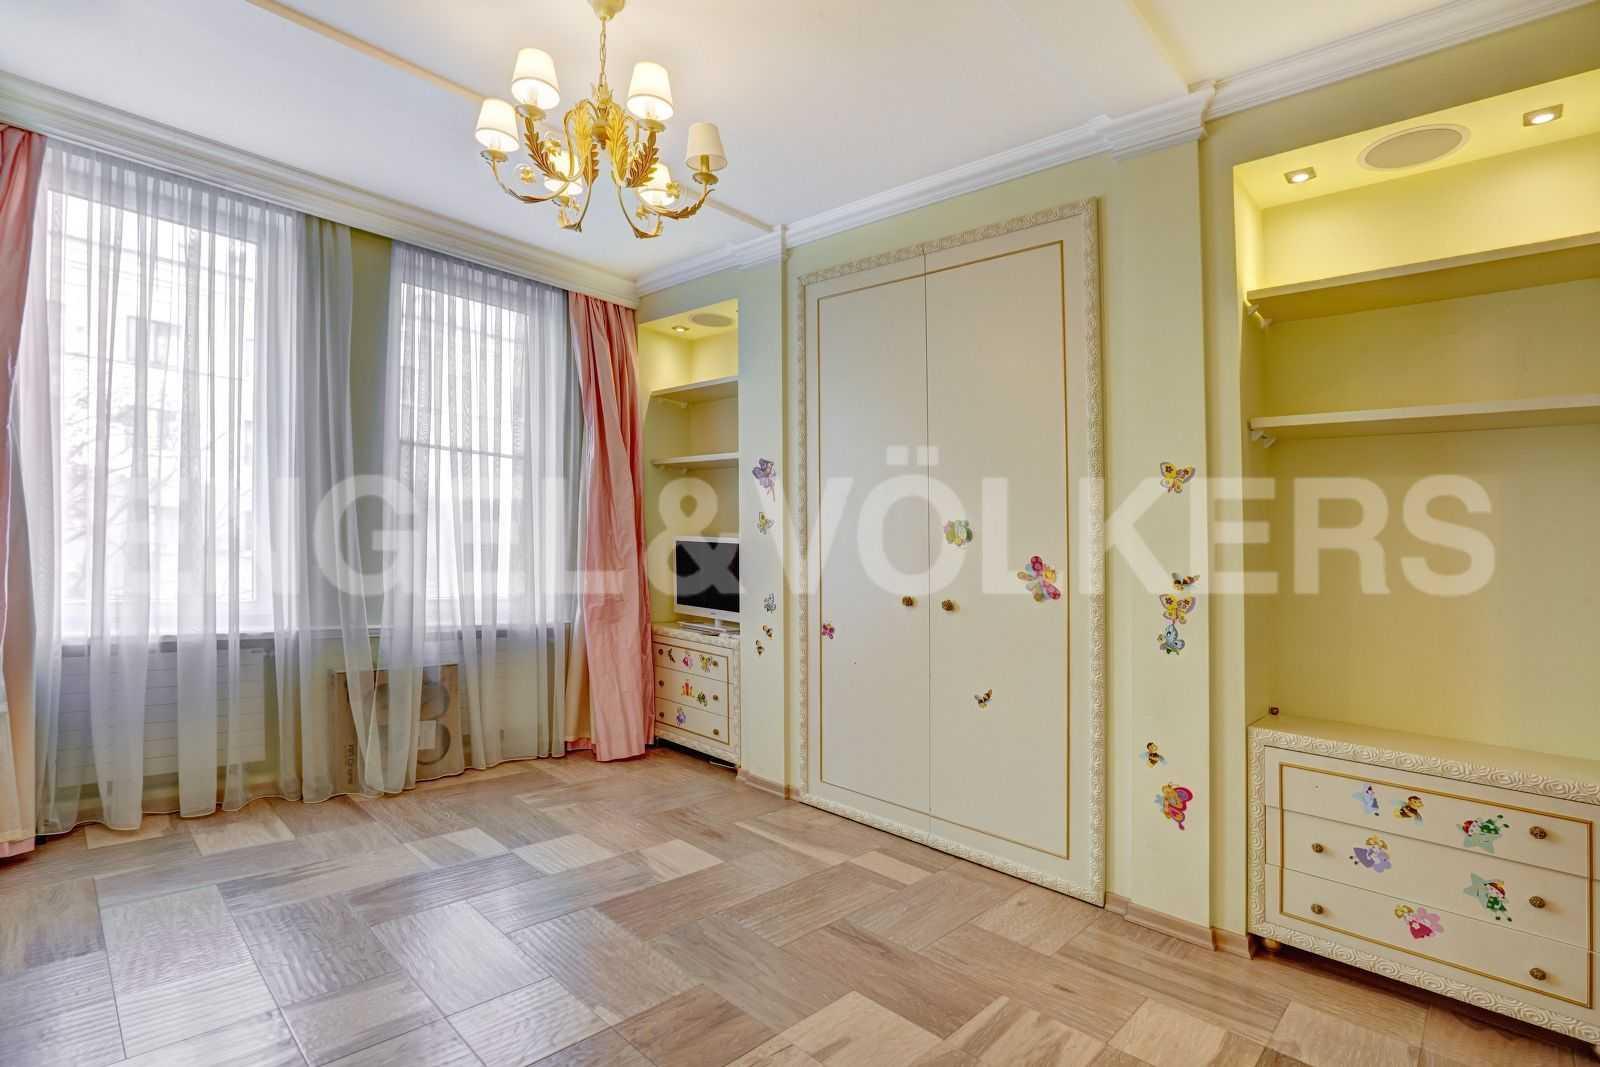 Элитные квартиры в Центральном районе. Санкт-Петербург, Тверская, 1А. Детская комната